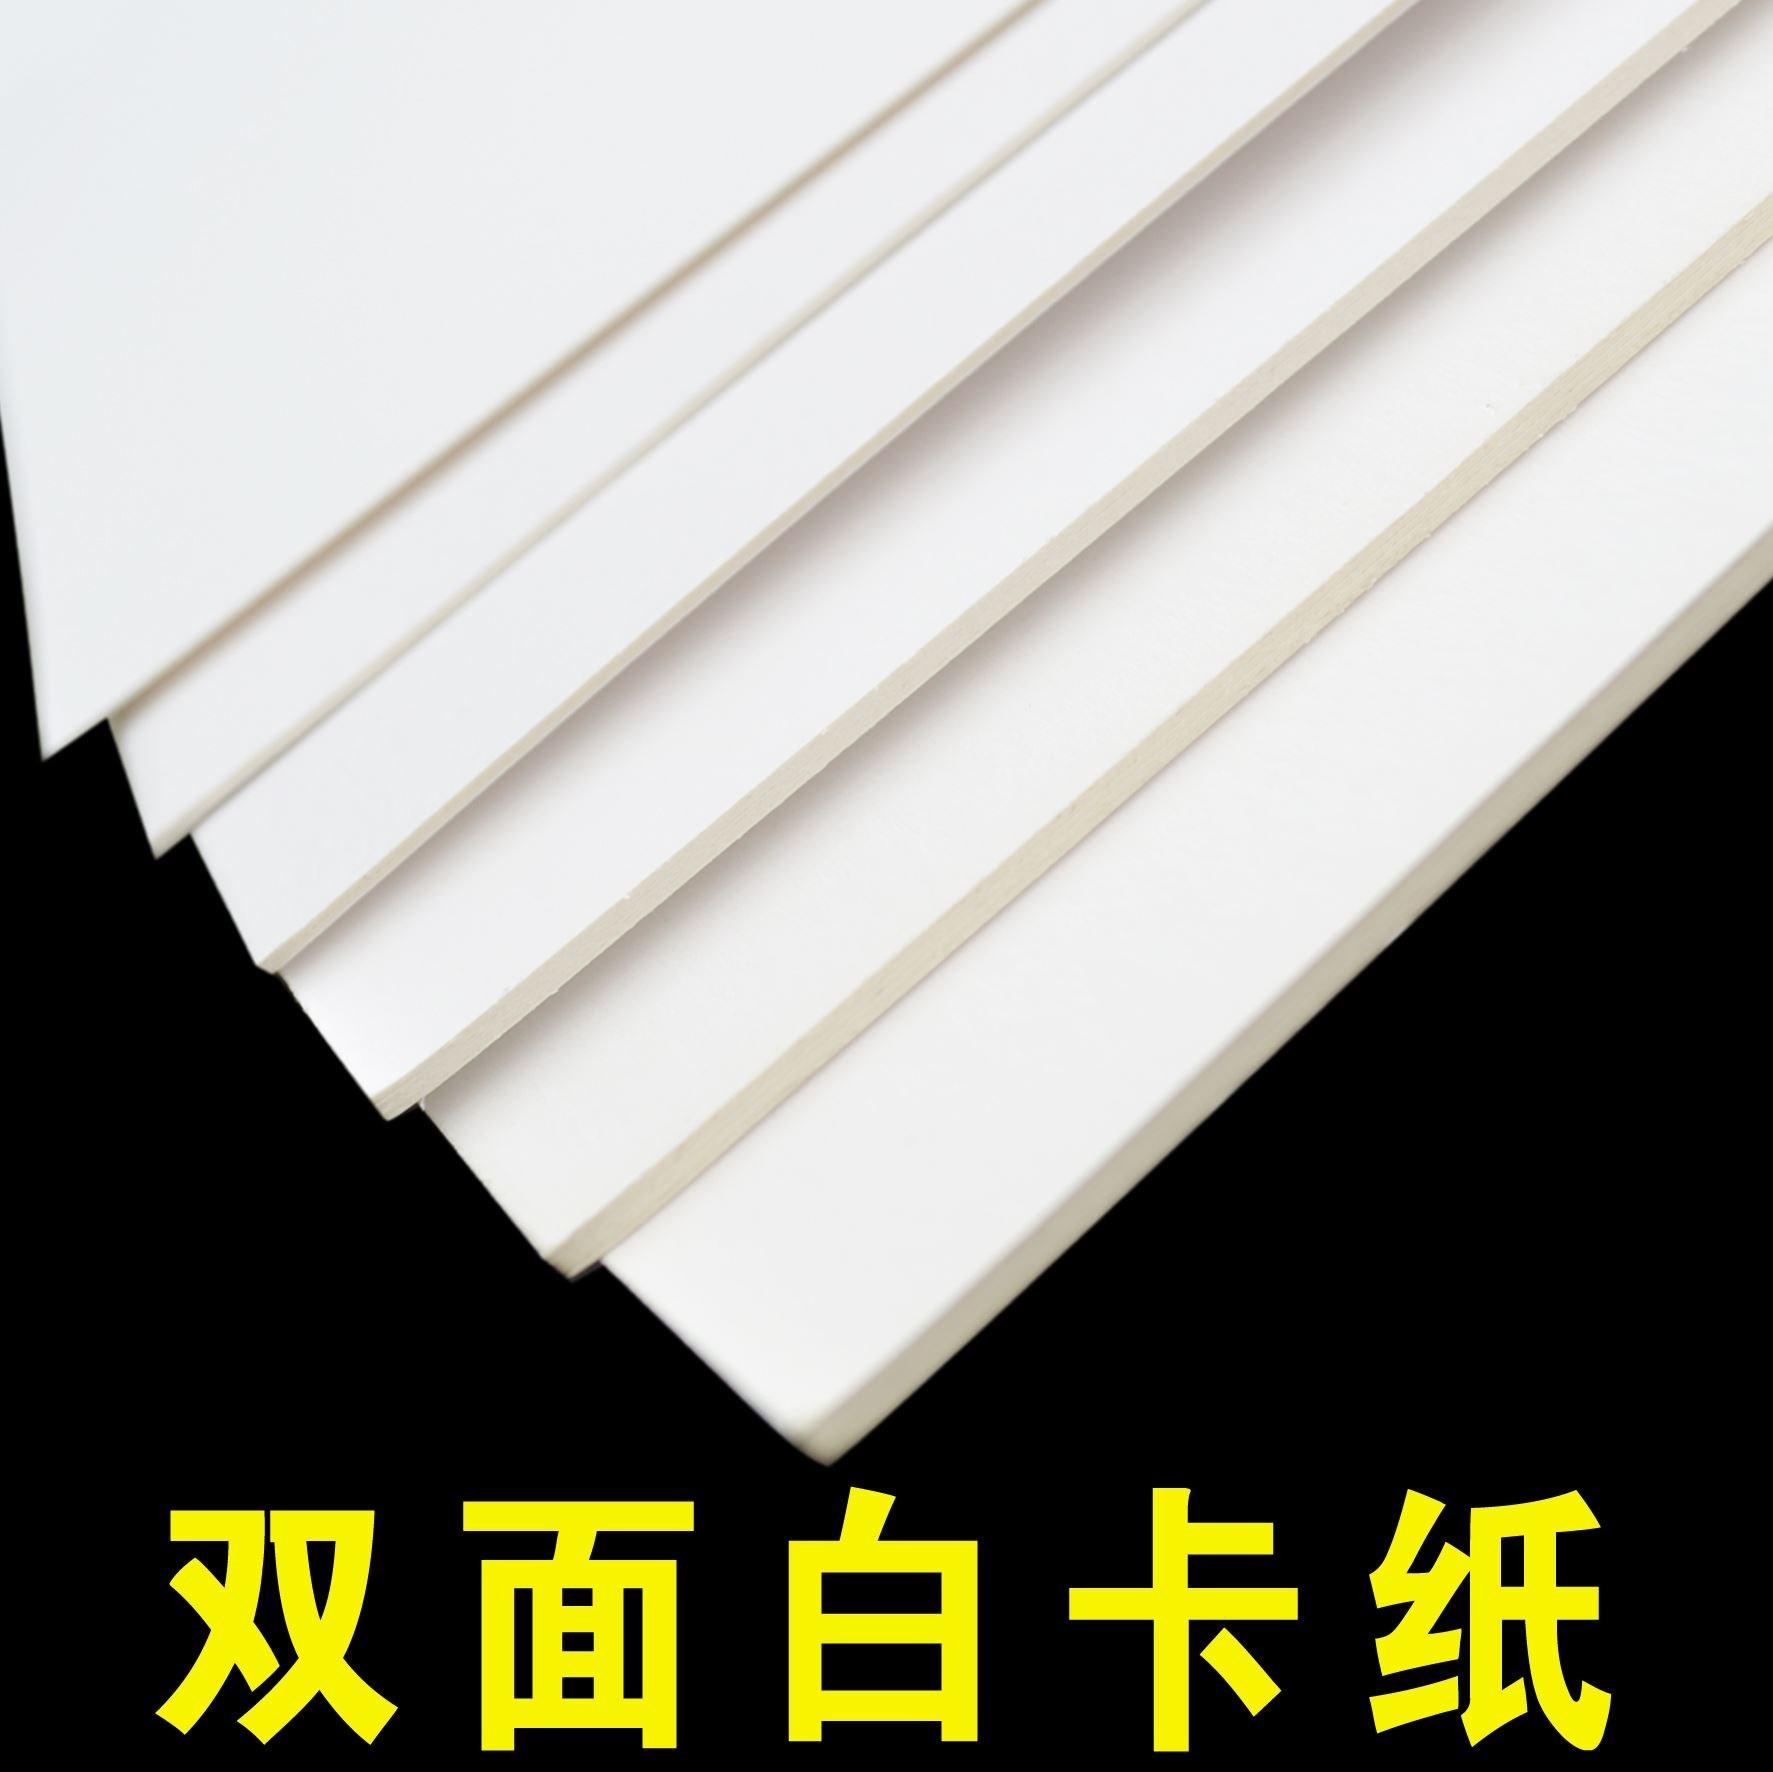 Trắng A4 / A3 / A2 / 4K mô hình xây dựng bảng trắng các tông bìa cứng DIY bảng trắng - Giấy văn phòng